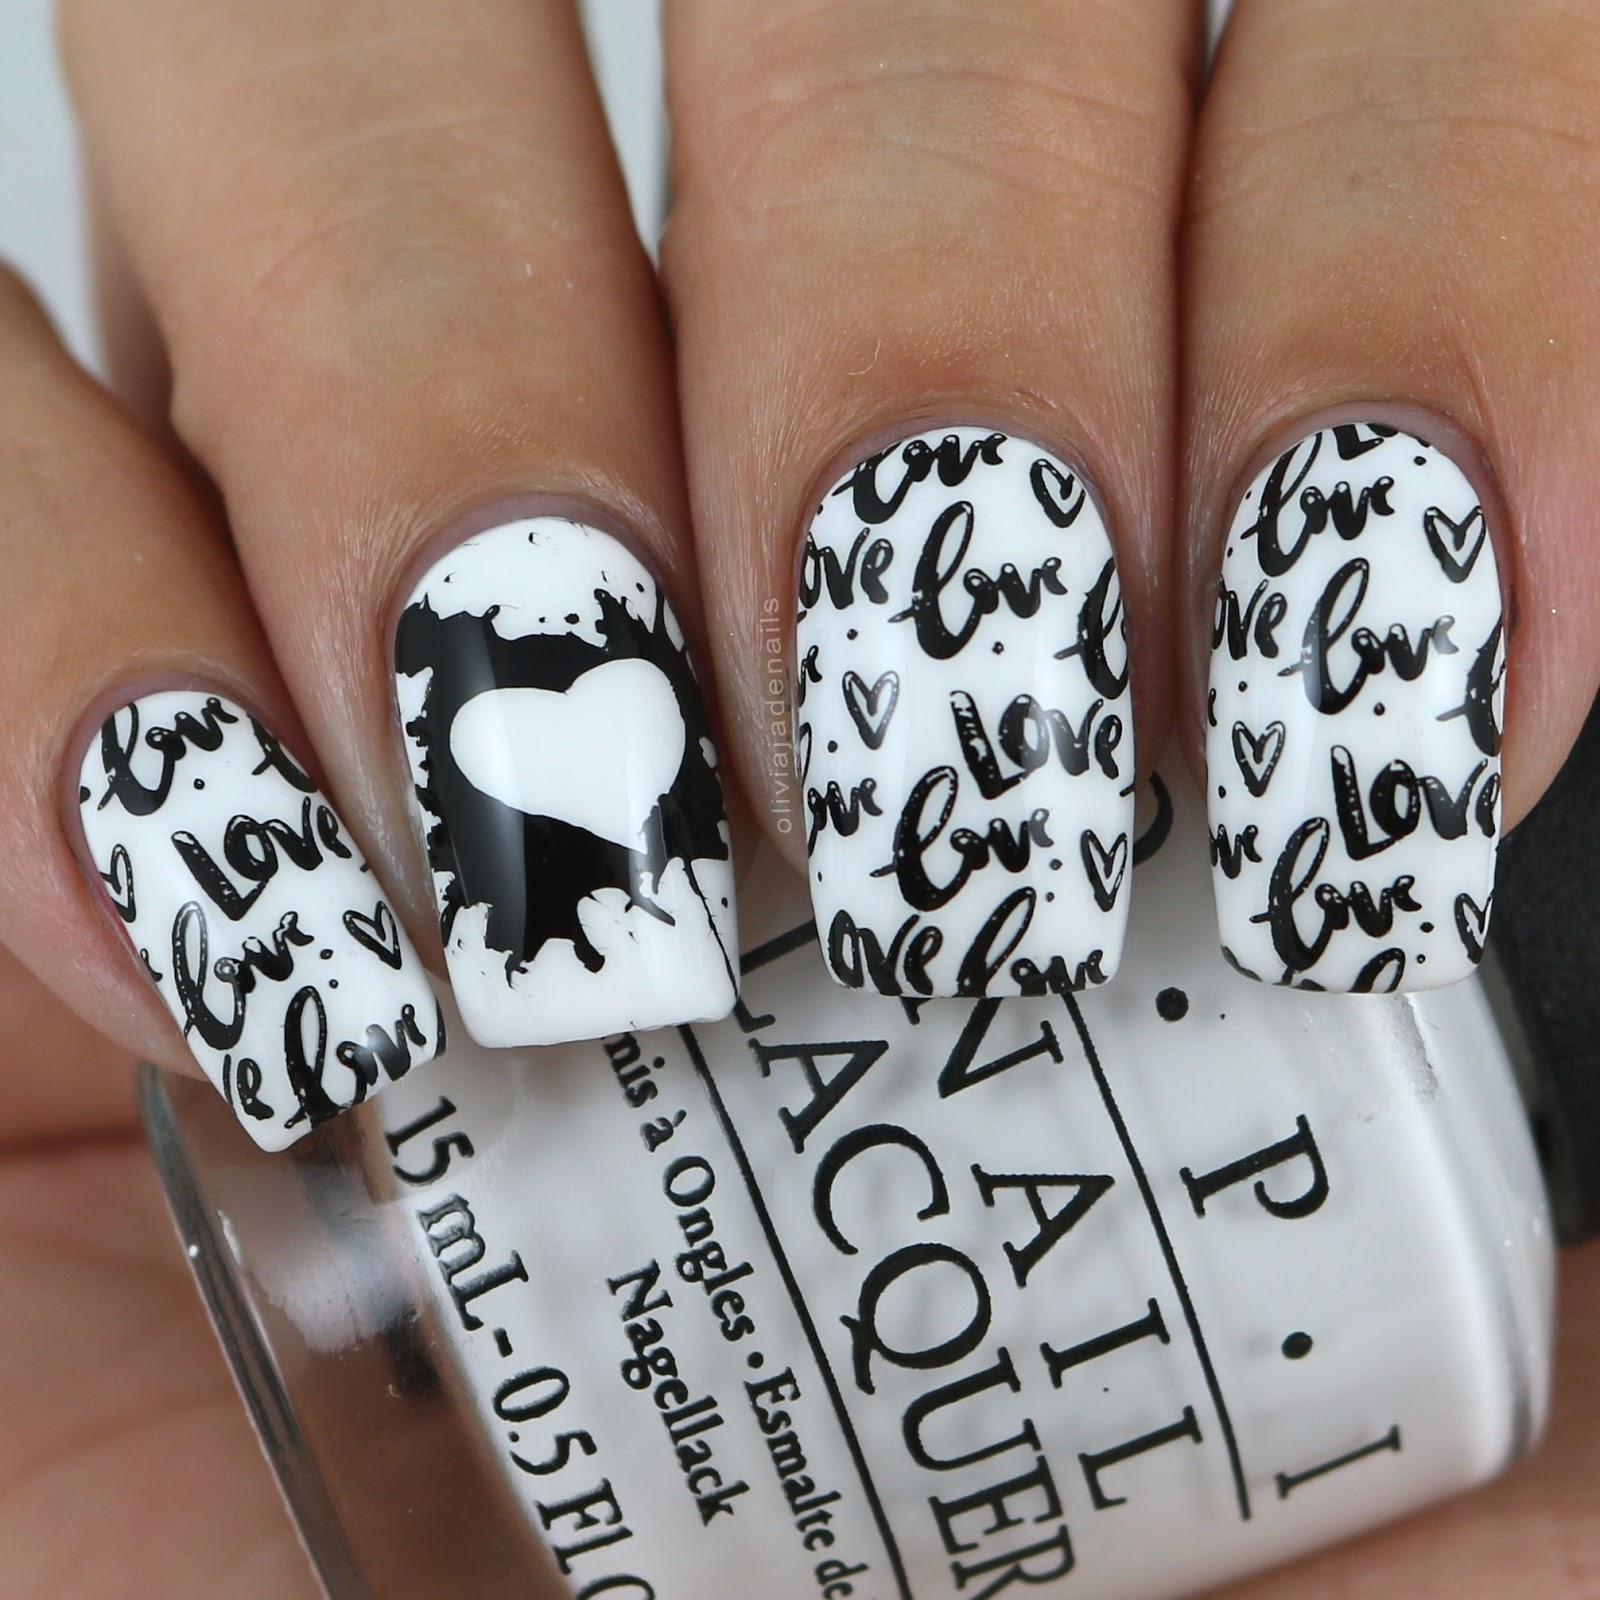 Olivia jade nails crumpts nail tarts 26 great nail art ideas the prinsesfo Choice Image